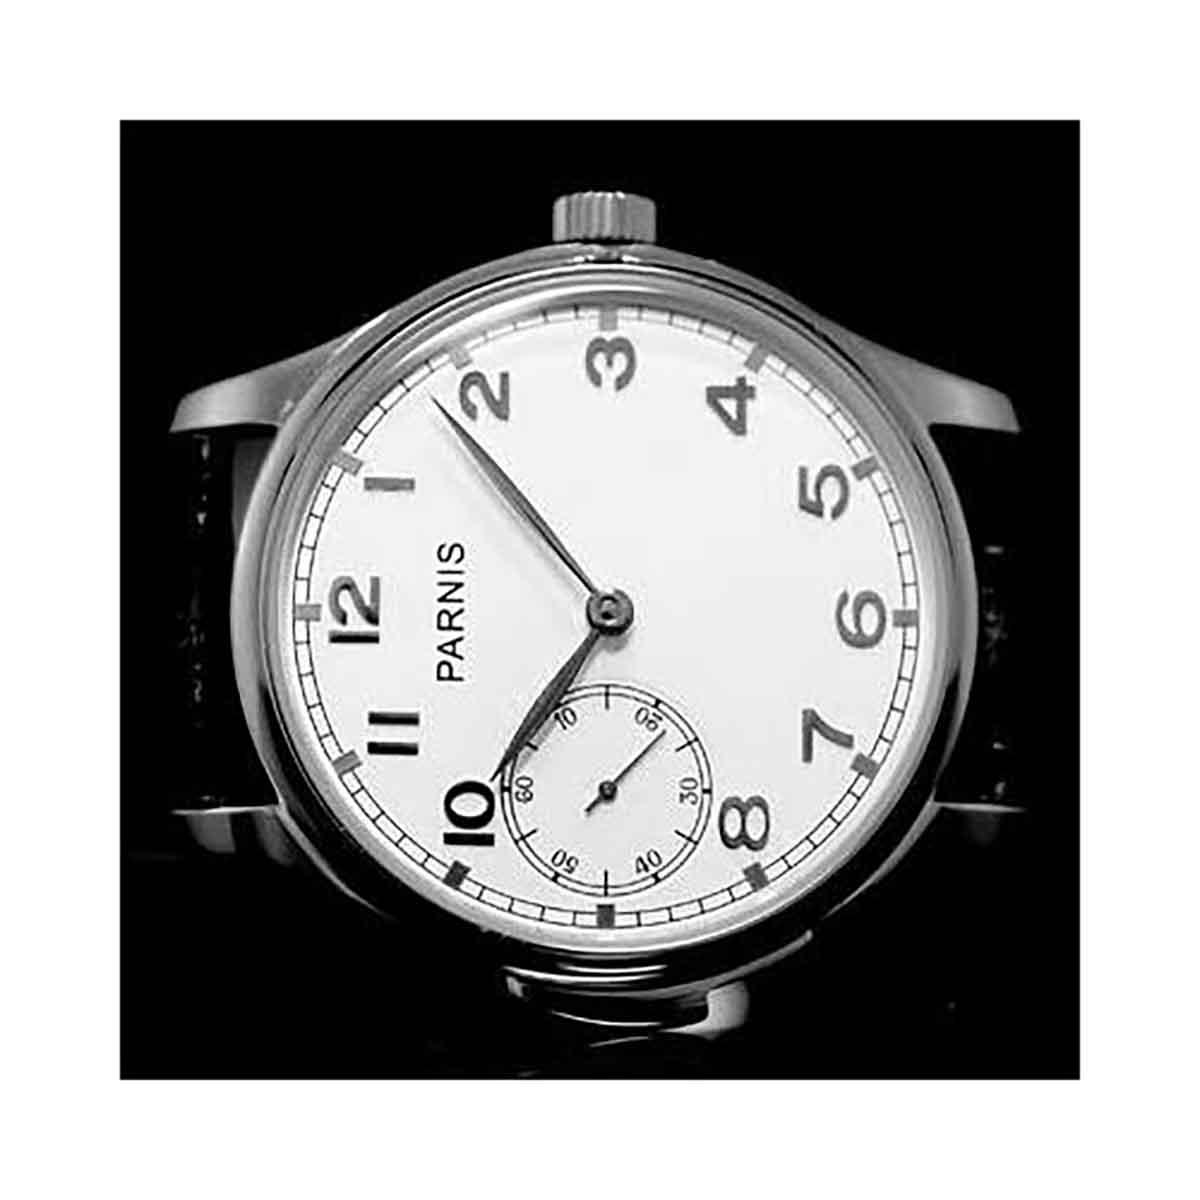 PARNIS パーニス 手巻き 腕時計 メンズ [PN-003G3ML] 並行輸入品 当店保証24ヵ月